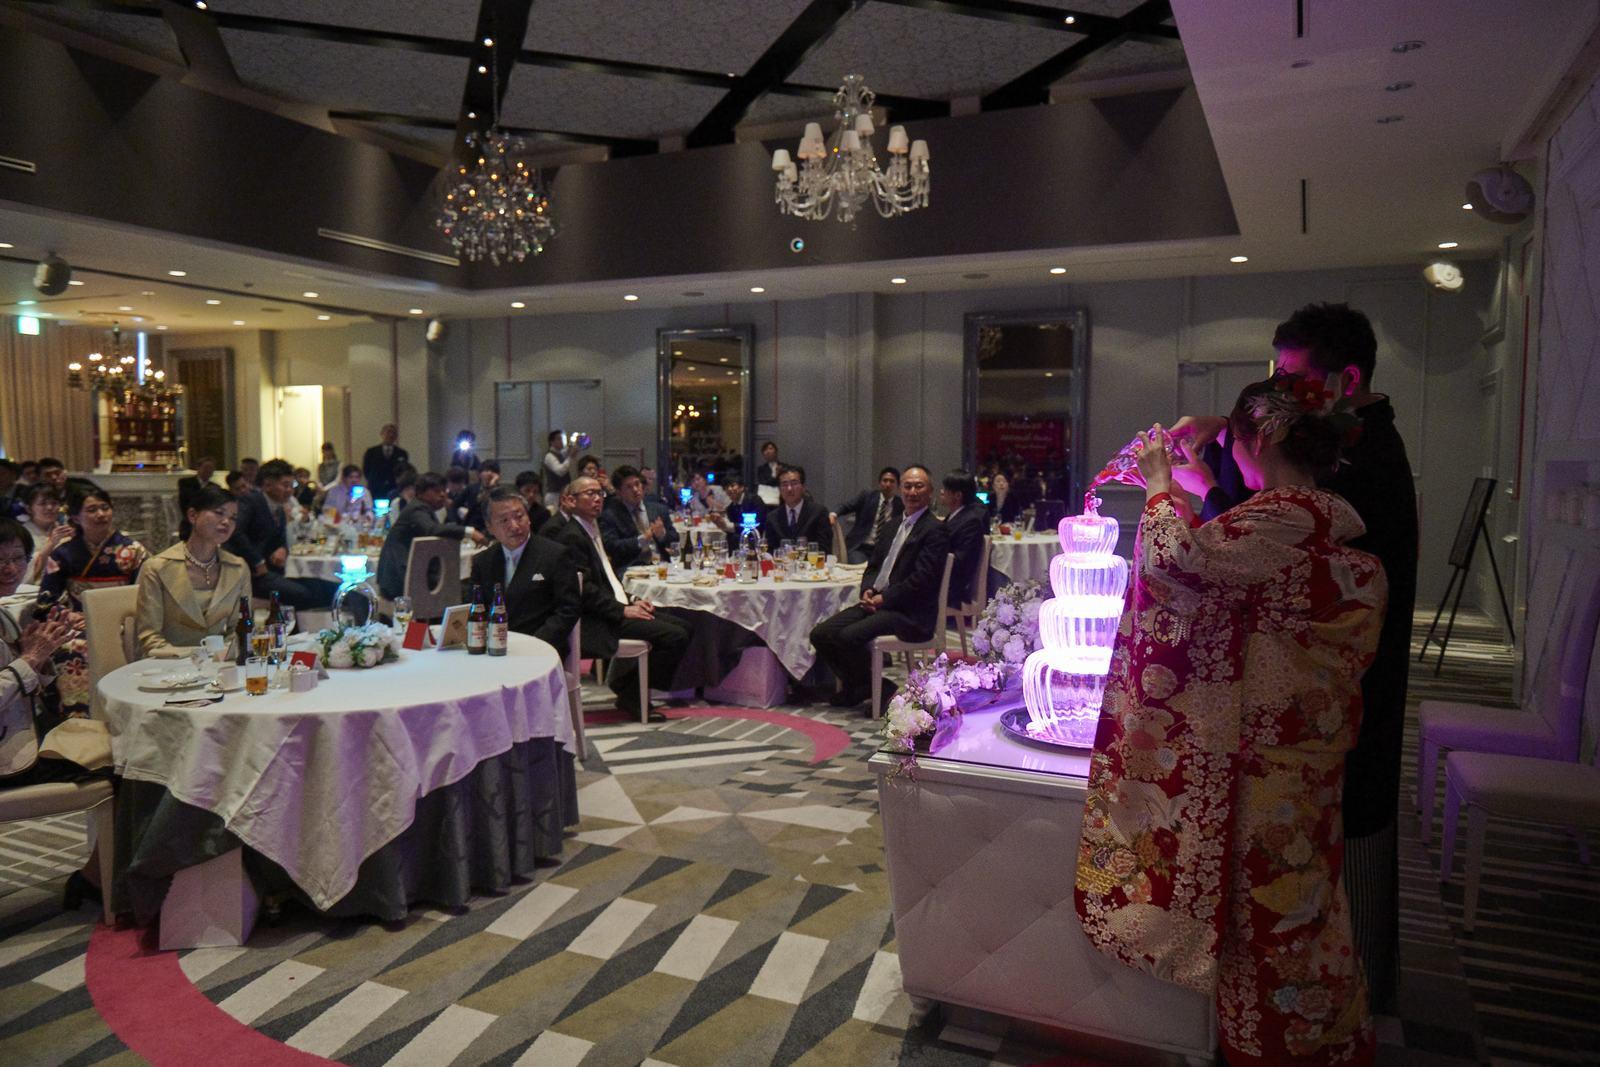 徳島市の結婚式場ブランアンジュでメインタワー演出を行う披露宴の様子